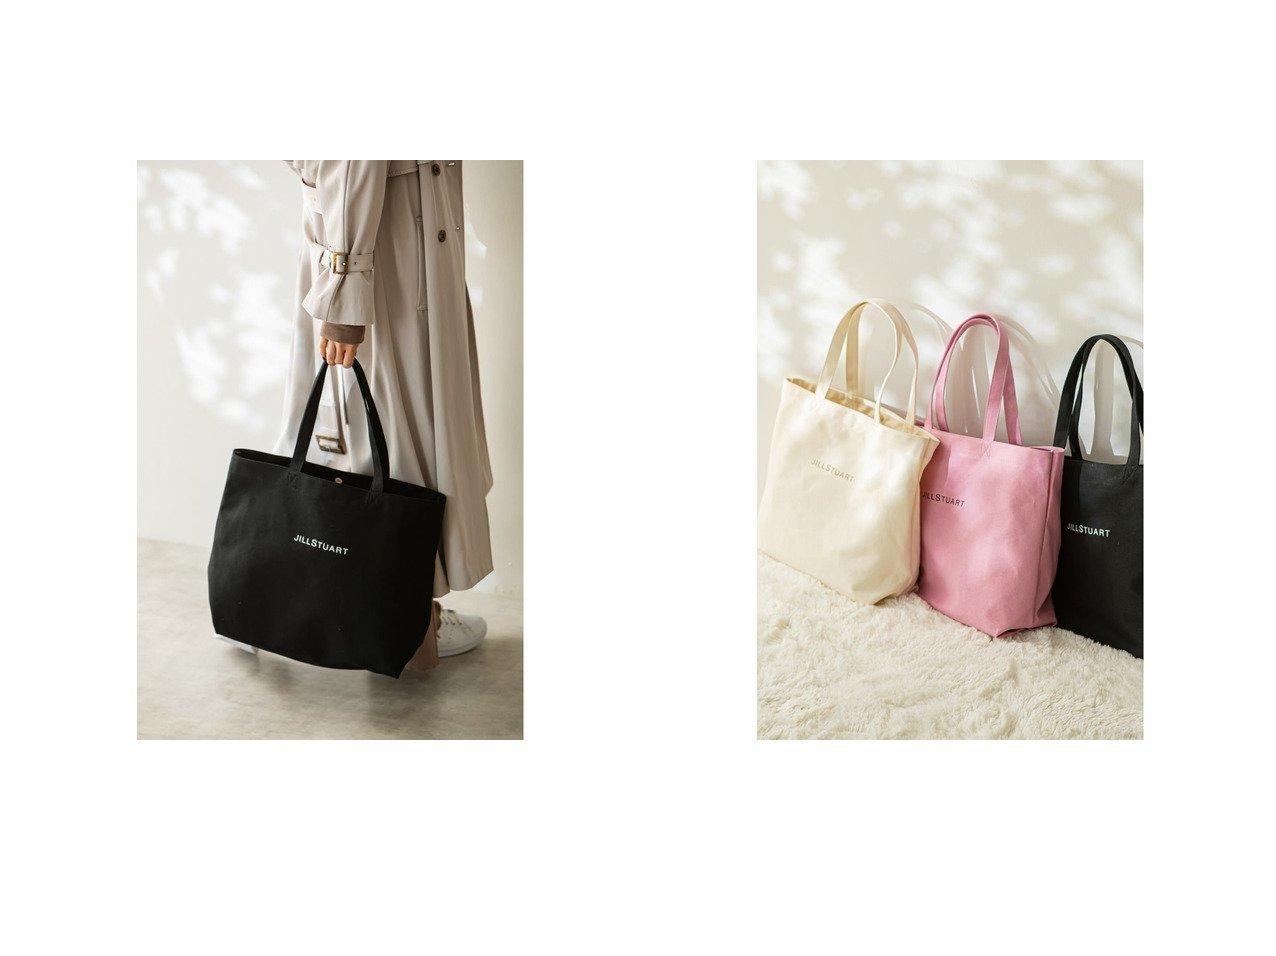 【JILLSTUART/ジルスチュアート】のベーシックキャンバストートバッグ LAVENDER&ベーシックキャンバストートバッグ バッグ・鞄のおすすめ!人気、トレンド・レディースファッションの通販  おすすめで人気の流行・トレンド、ファッションの通販商品 メンズファッション・キッズファッション・インテリア・家具・レディースファッション・服の通販 founy(ファニー) https://founy.com/ ファッション Fashion レディースファッション WOMEN バッグ Bag 2021年 2021 2021 春夏 S/S SS Spring/Summer 2021 S/S 春夏 SS Spring/Summer キャンバス ポケット 人気 春 Spring |ID:crp329100000015641